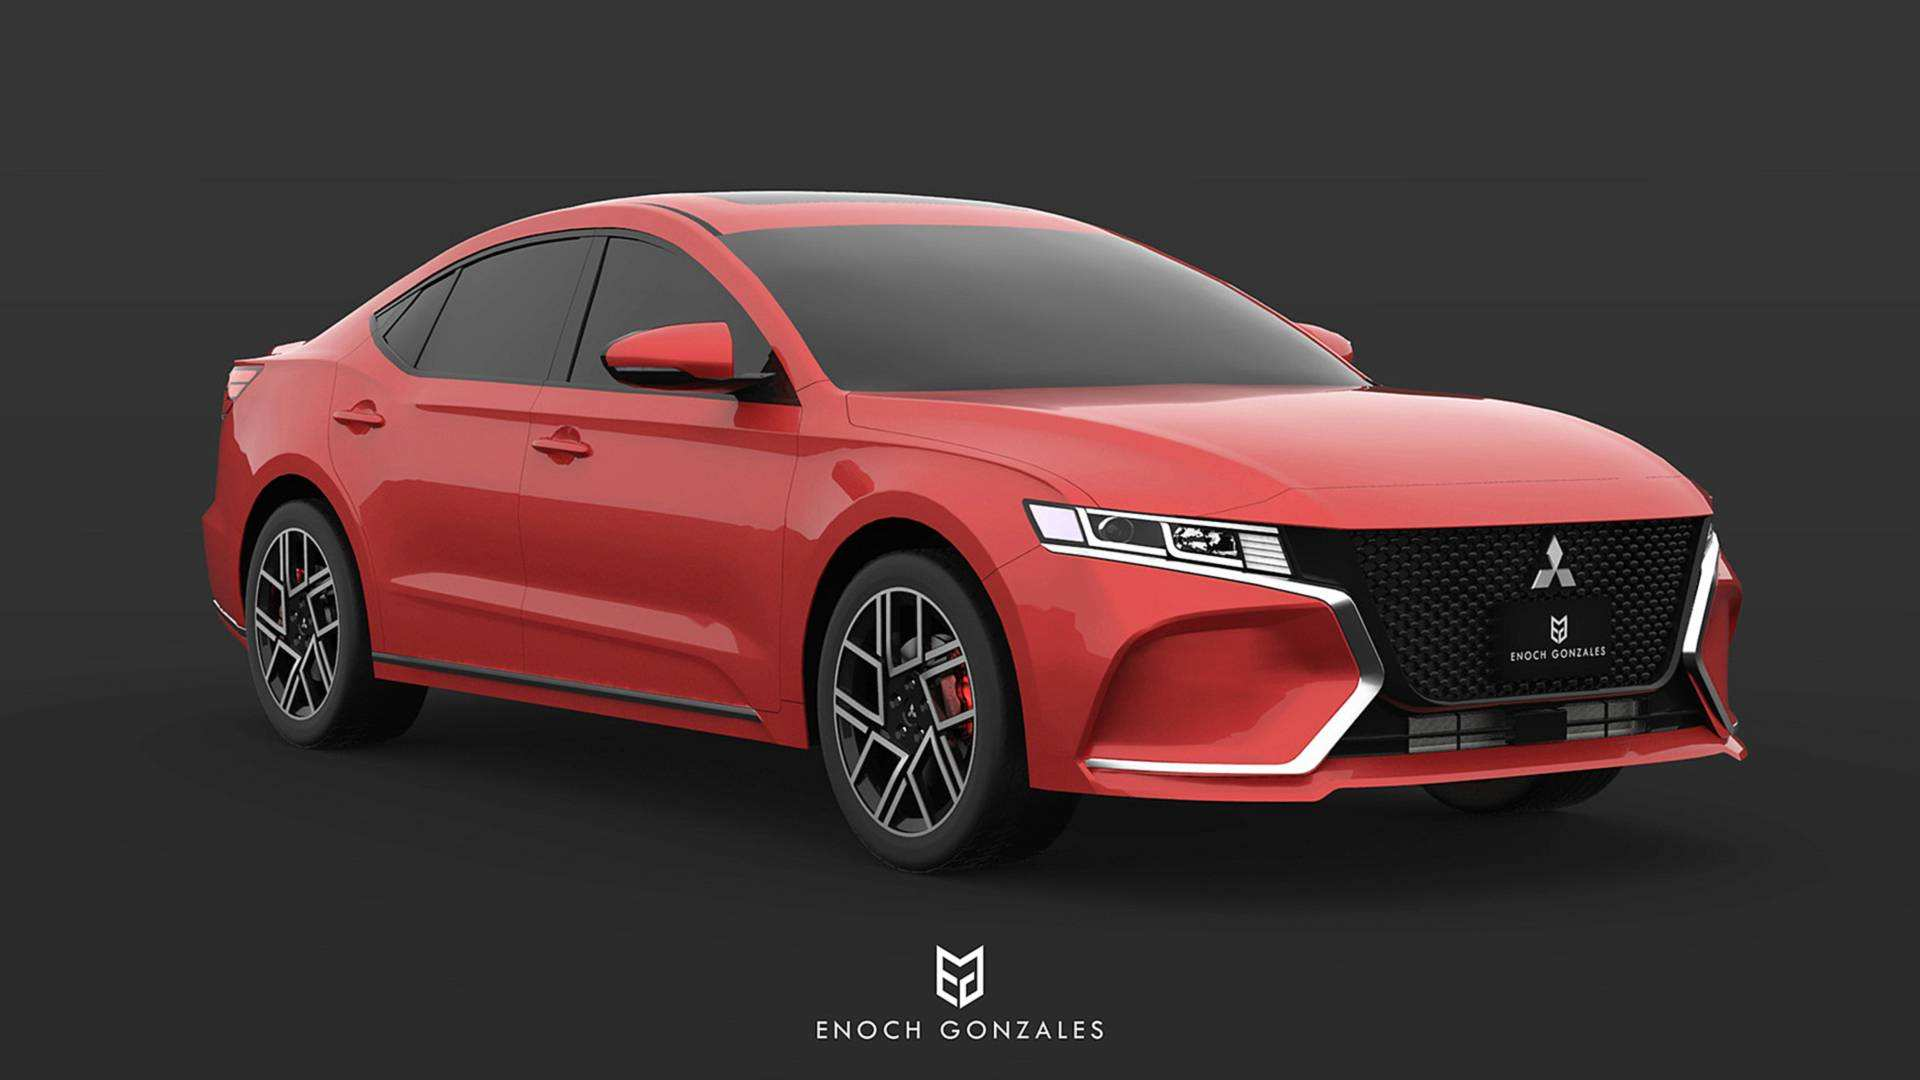 68 Great Mitsubishi Motors 2020 Configurations with Mitsubishi Motors 2020